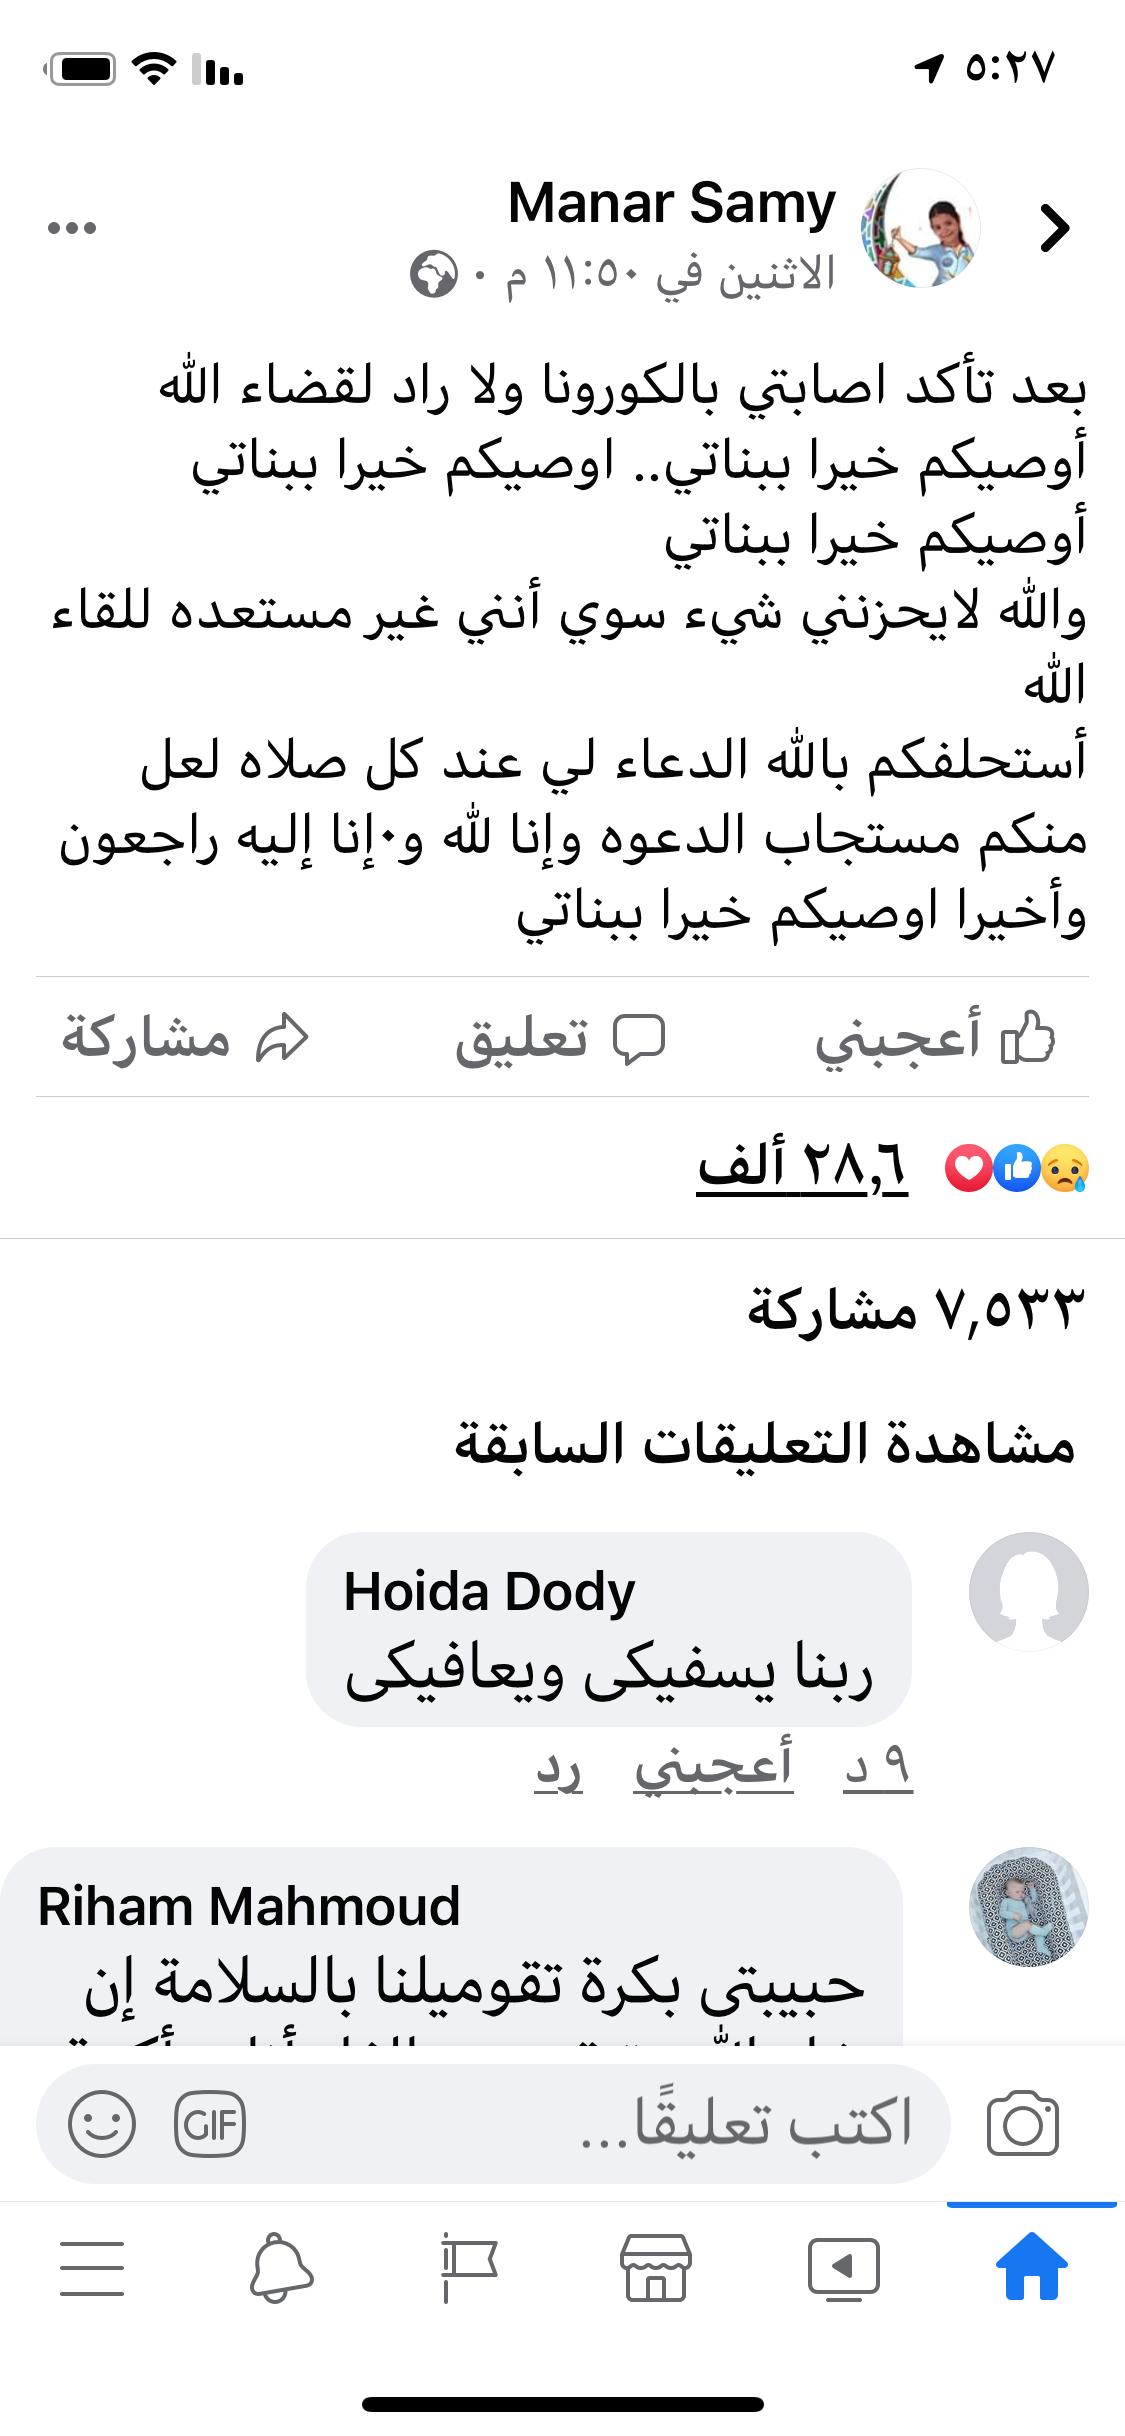 كلمات مؤثرة لطبيبة مصرية أصيبت وزوجها بكورونا أوصيكم ببناتي